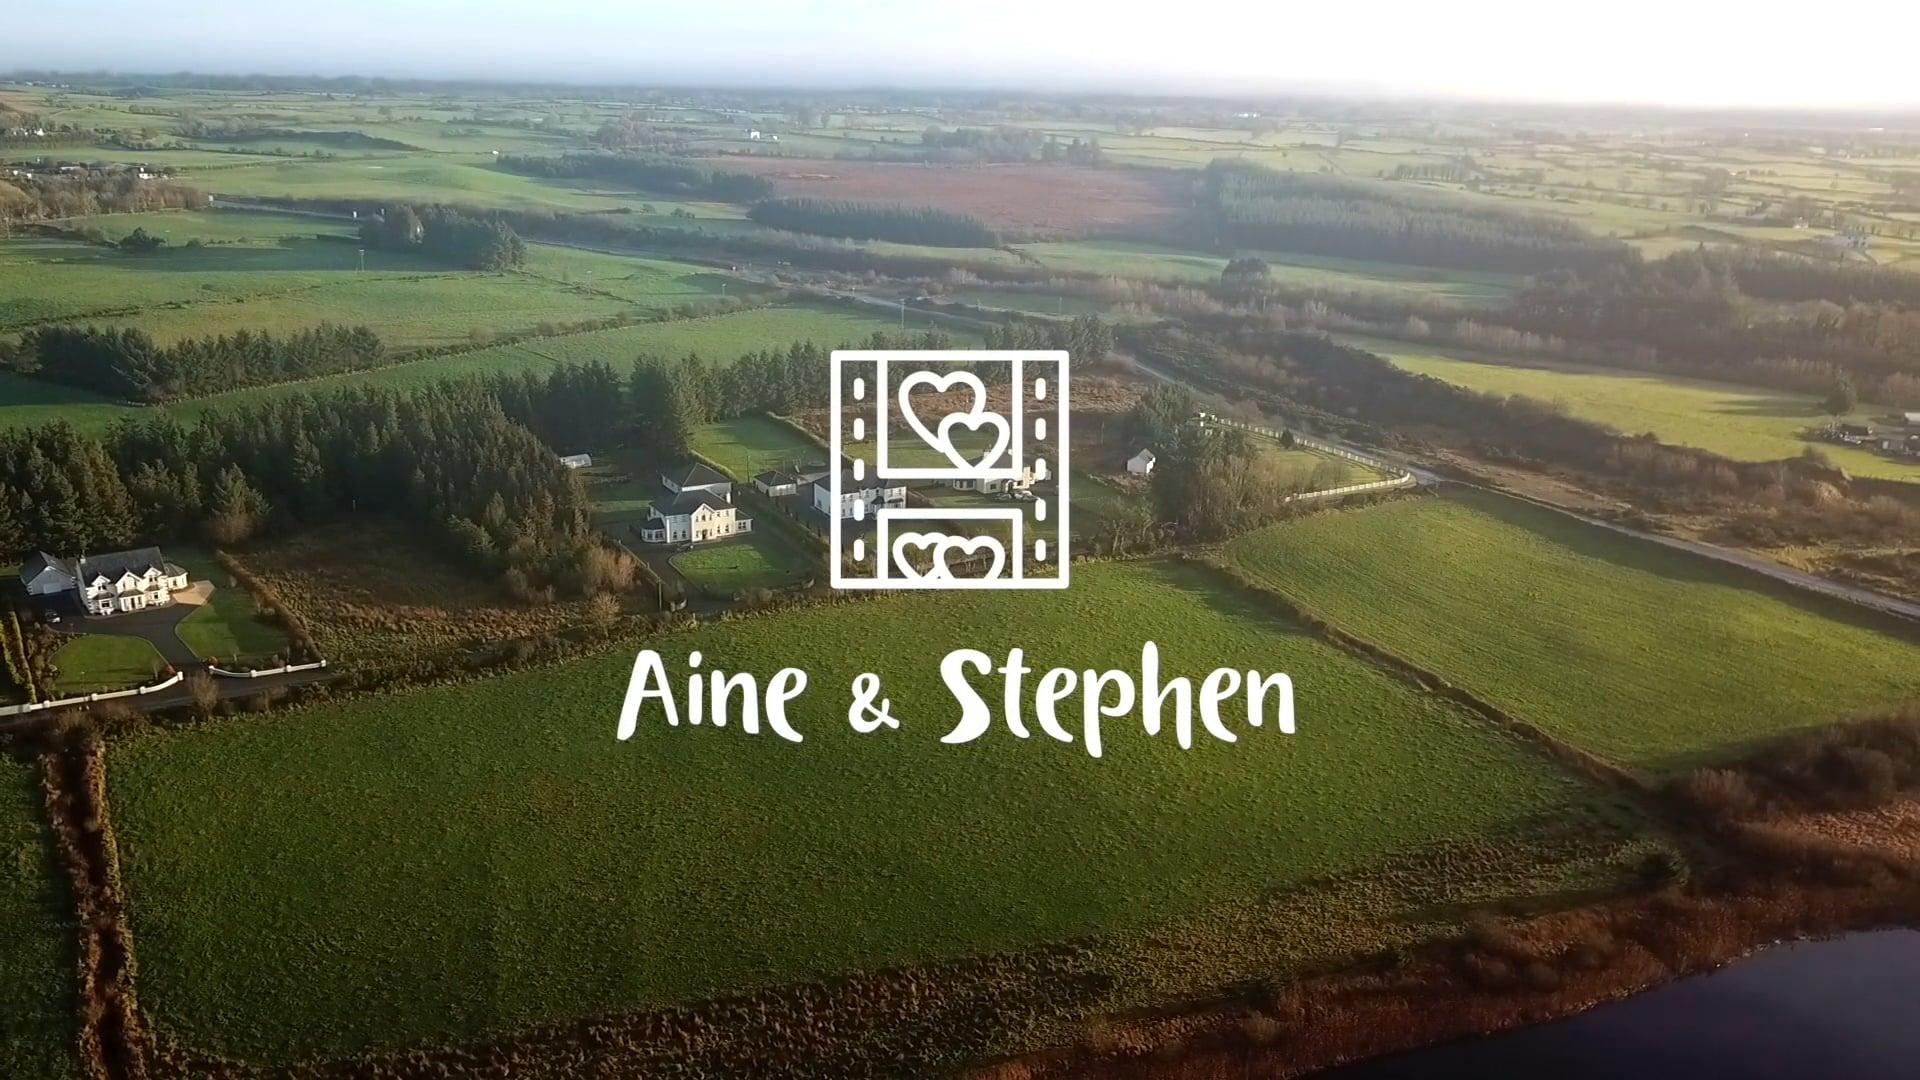 Áine & Stephen's Full Day Film